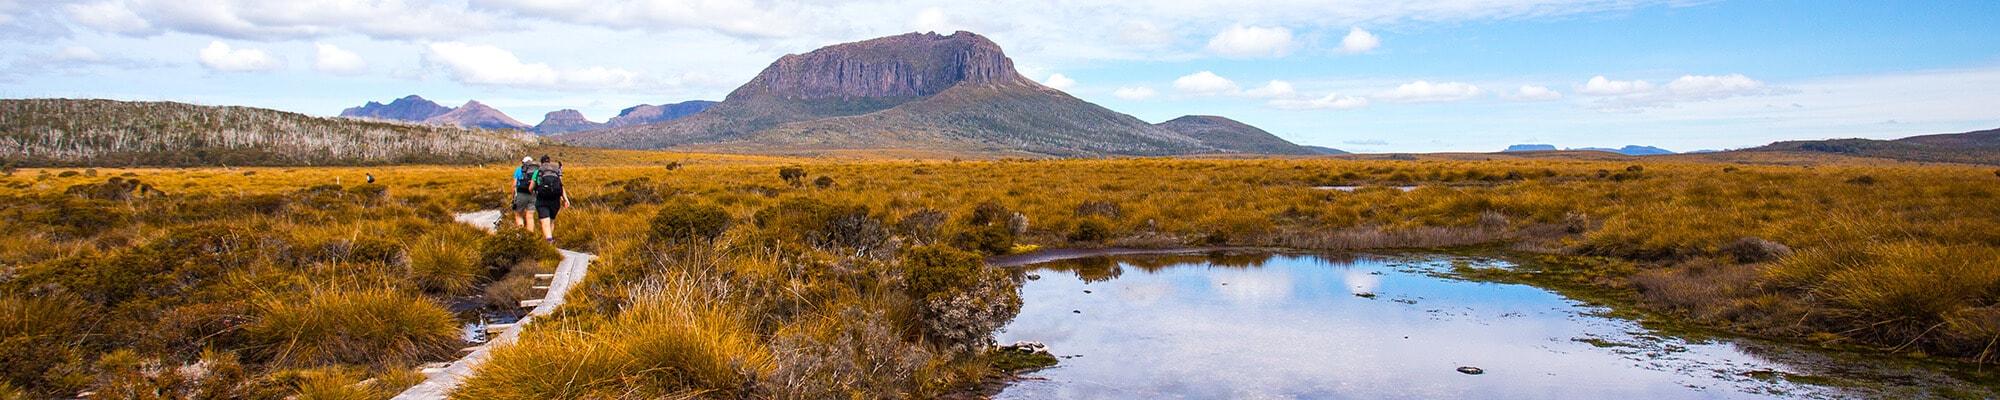 Top 10 Unique Experiences in Tasmania | Tasmania itinerary